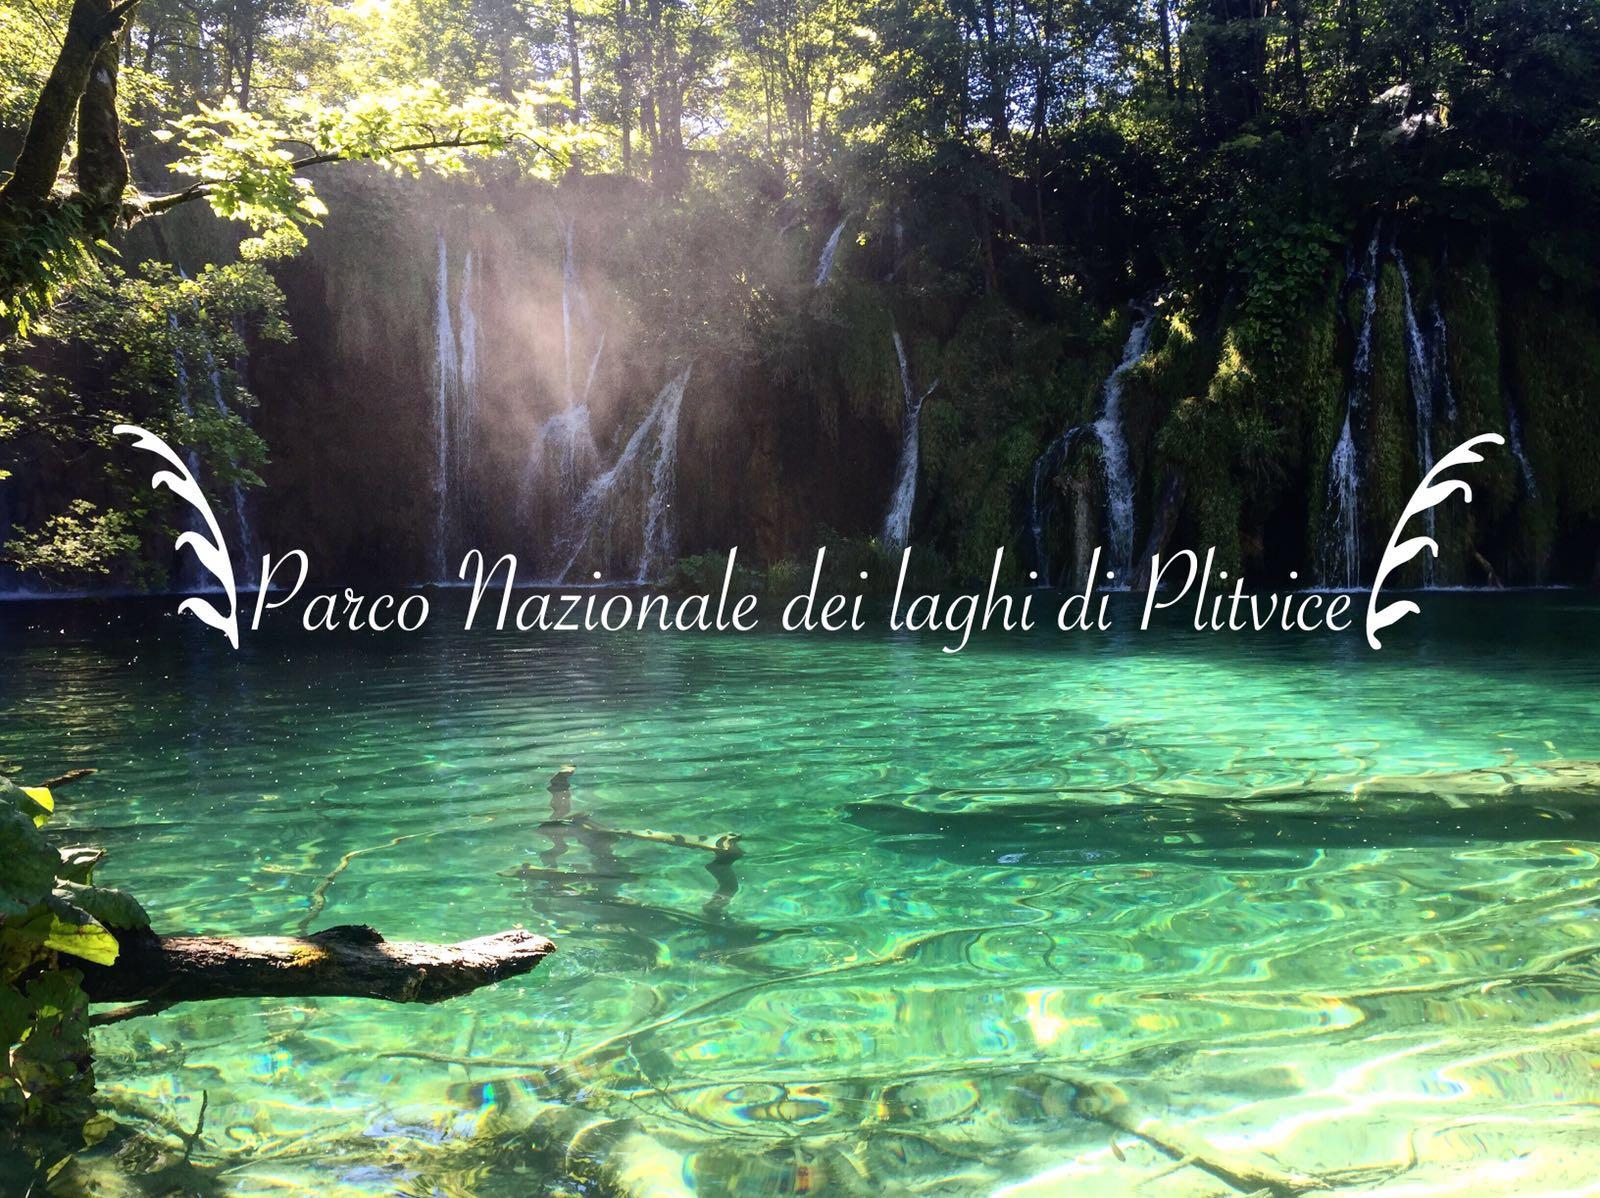 Parco nazionale dei laghi di plitvice consigli per for Disegni di laghi